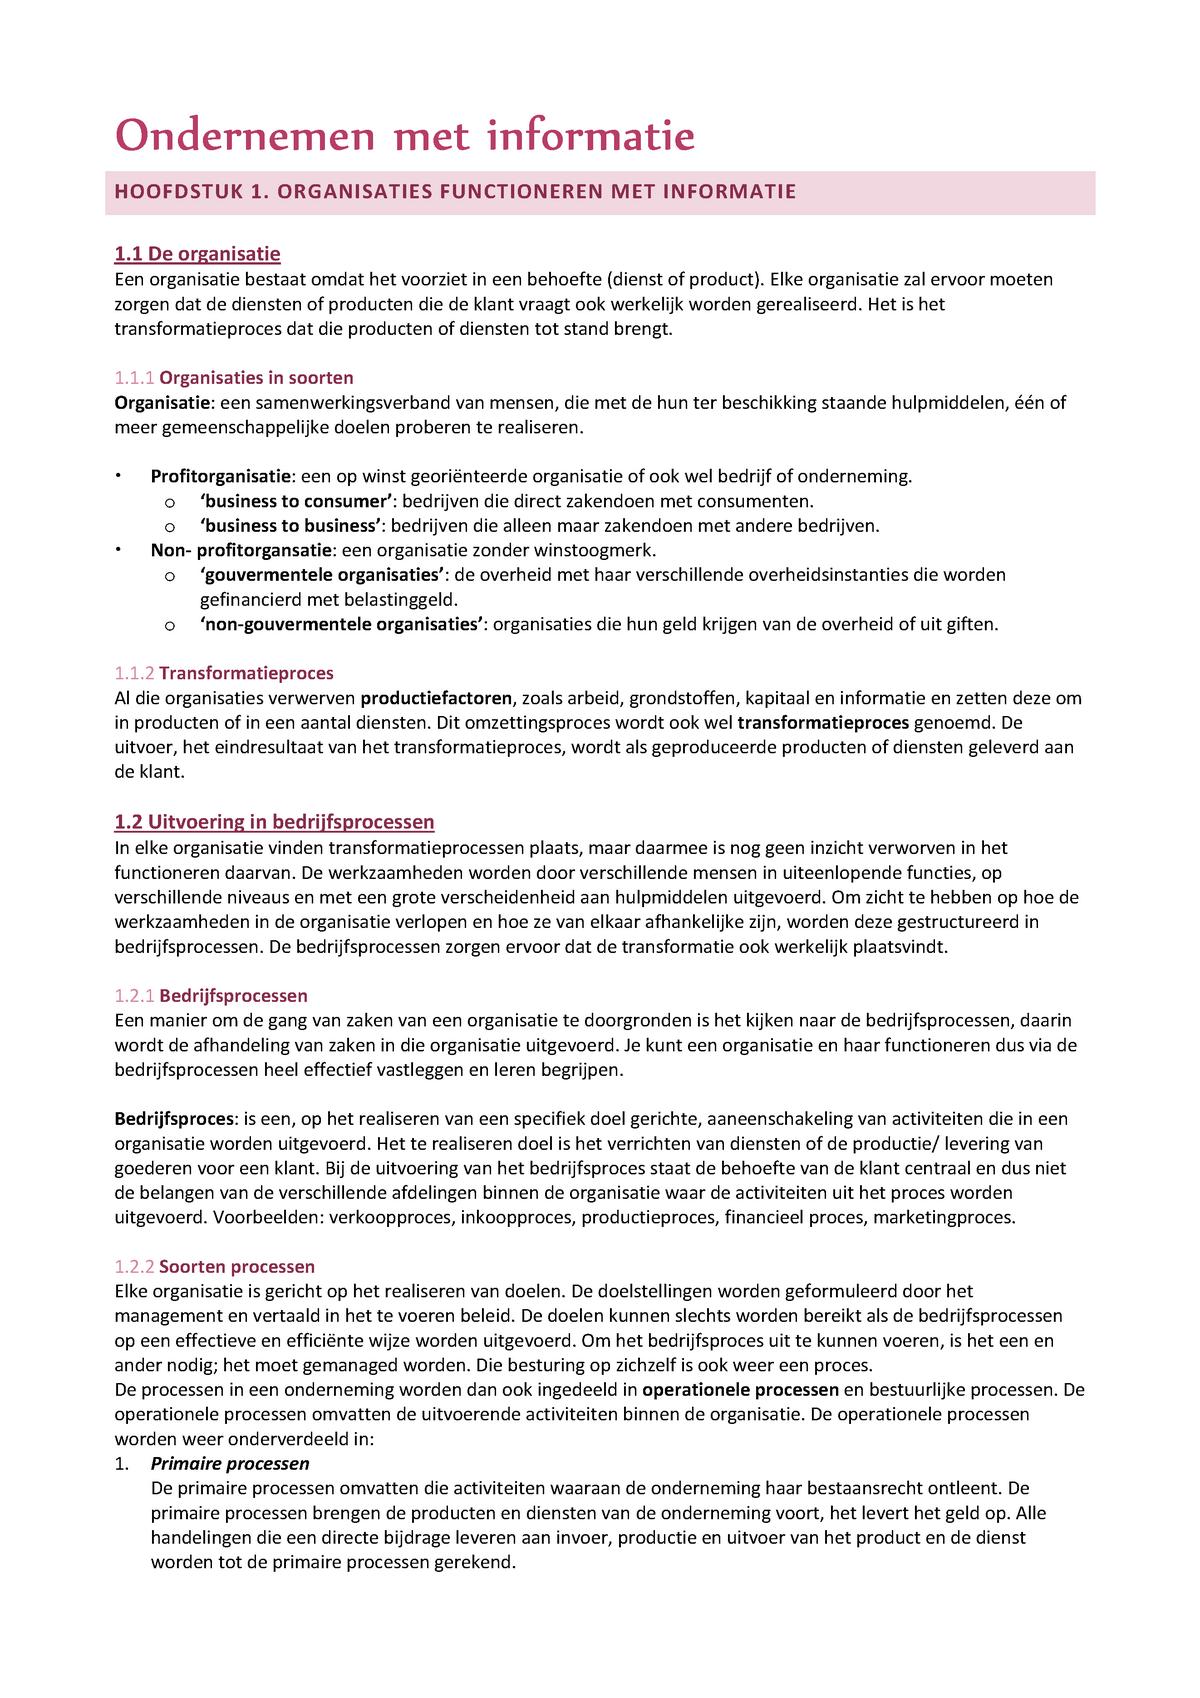 ac8759aaba4 Samenvatting Ondernemen met informatie H1-7 - StudeerSnel.nl